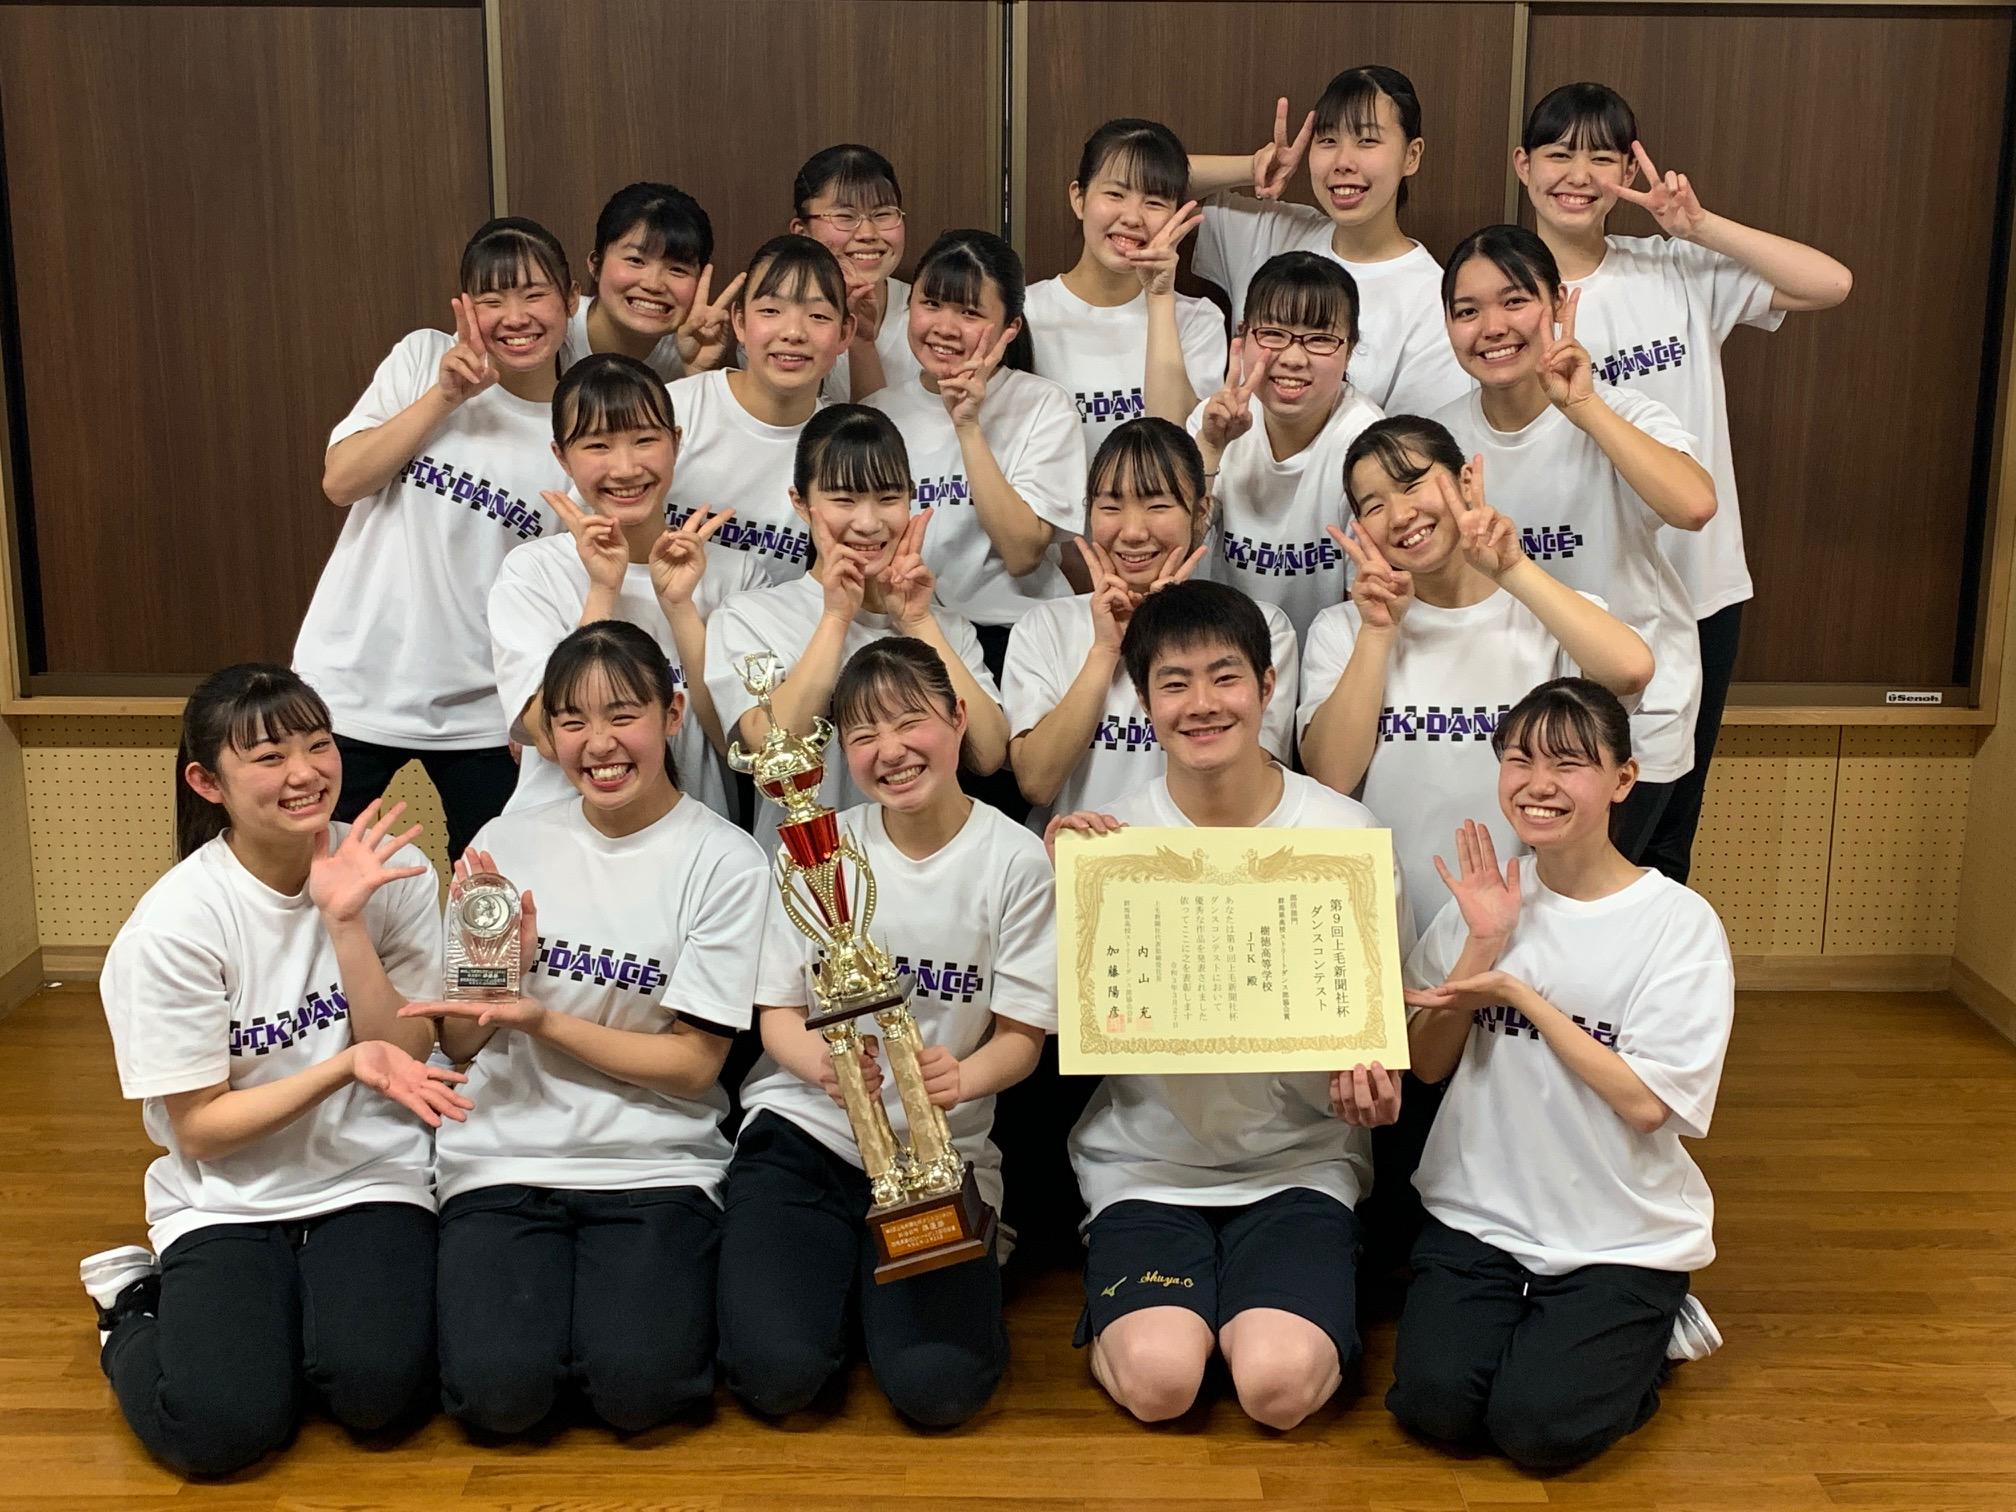 ダンス部 第9回上毛新聞社杯ダンスコンテスト 準優勝